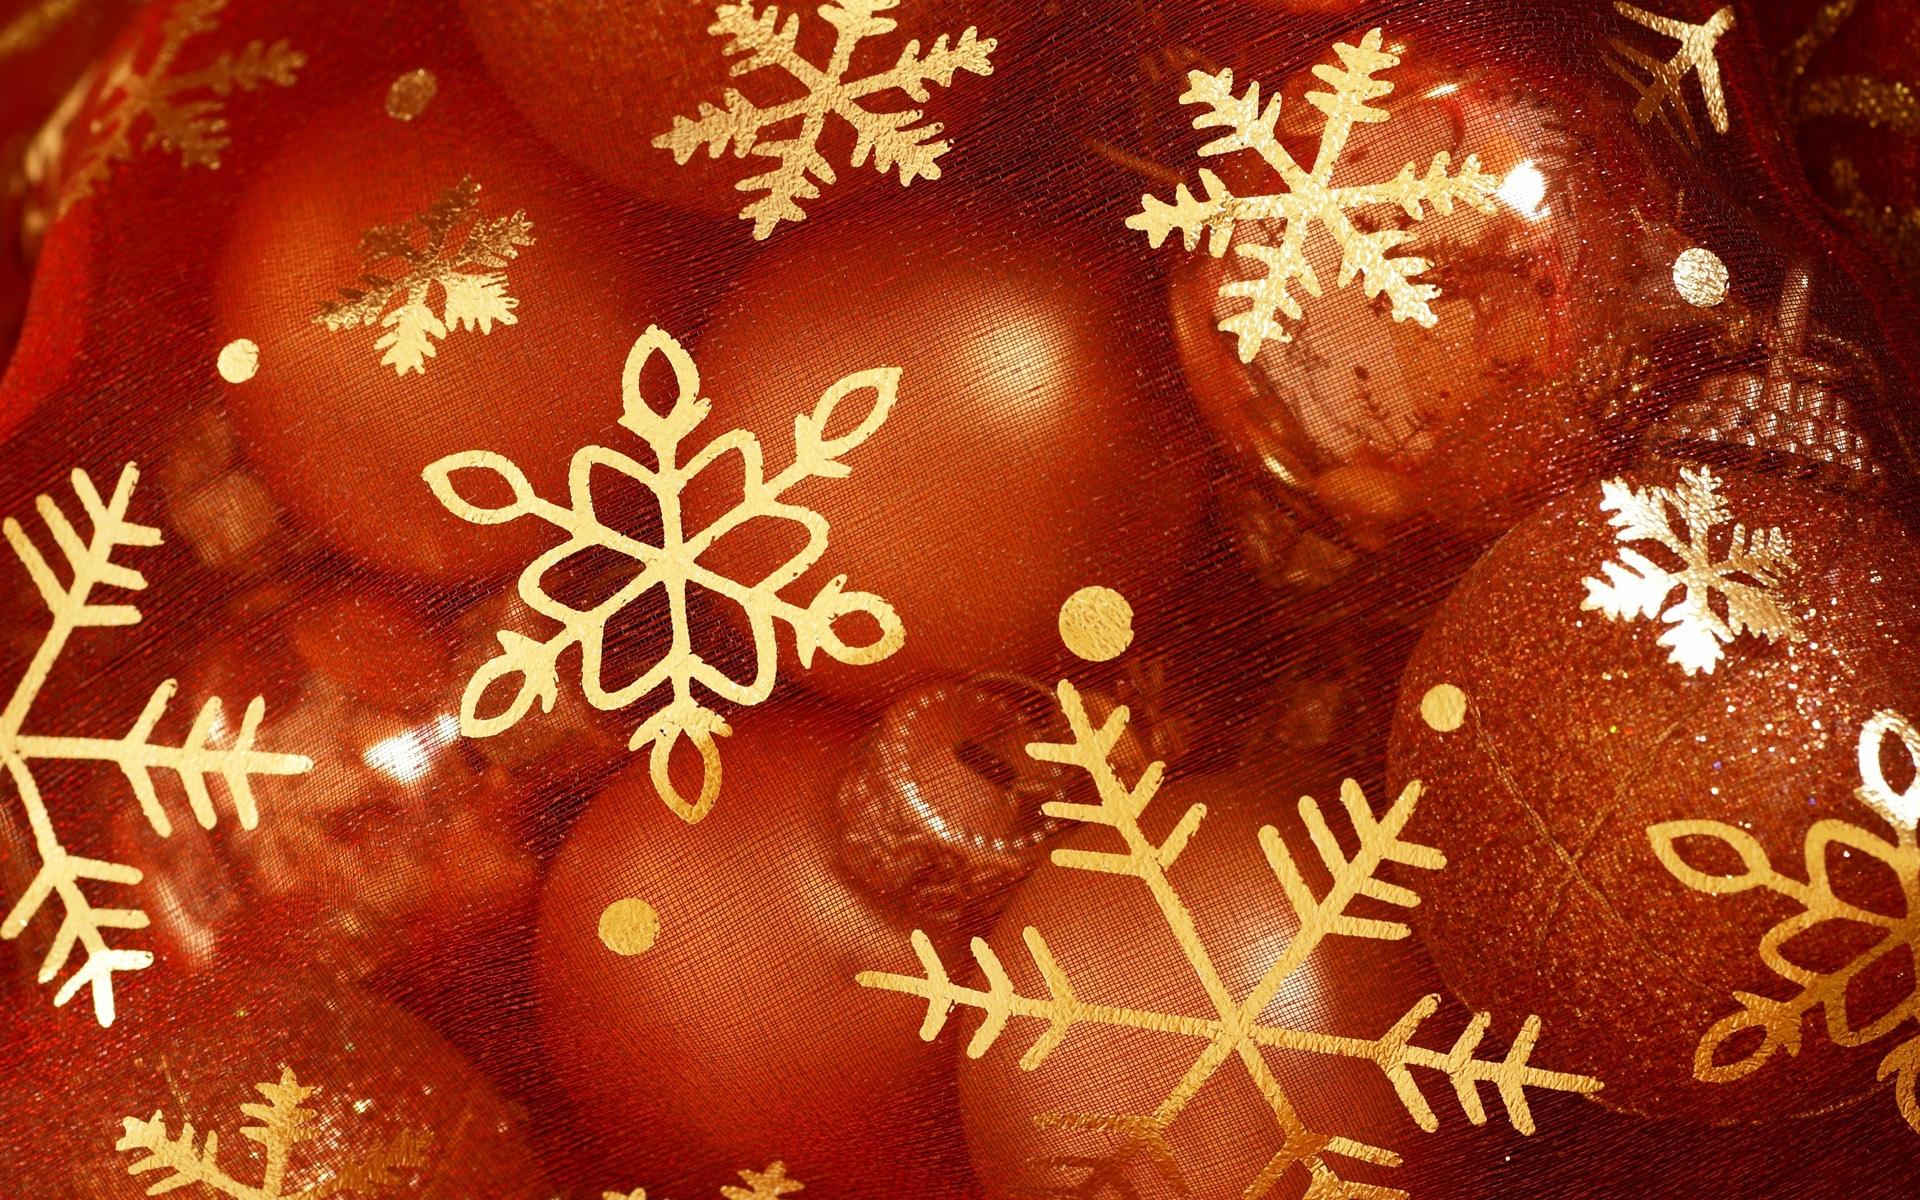 Новогодние обои для рабочего стола, с Новым 2013 годом, Новый год, Happy New Year Wallpaper